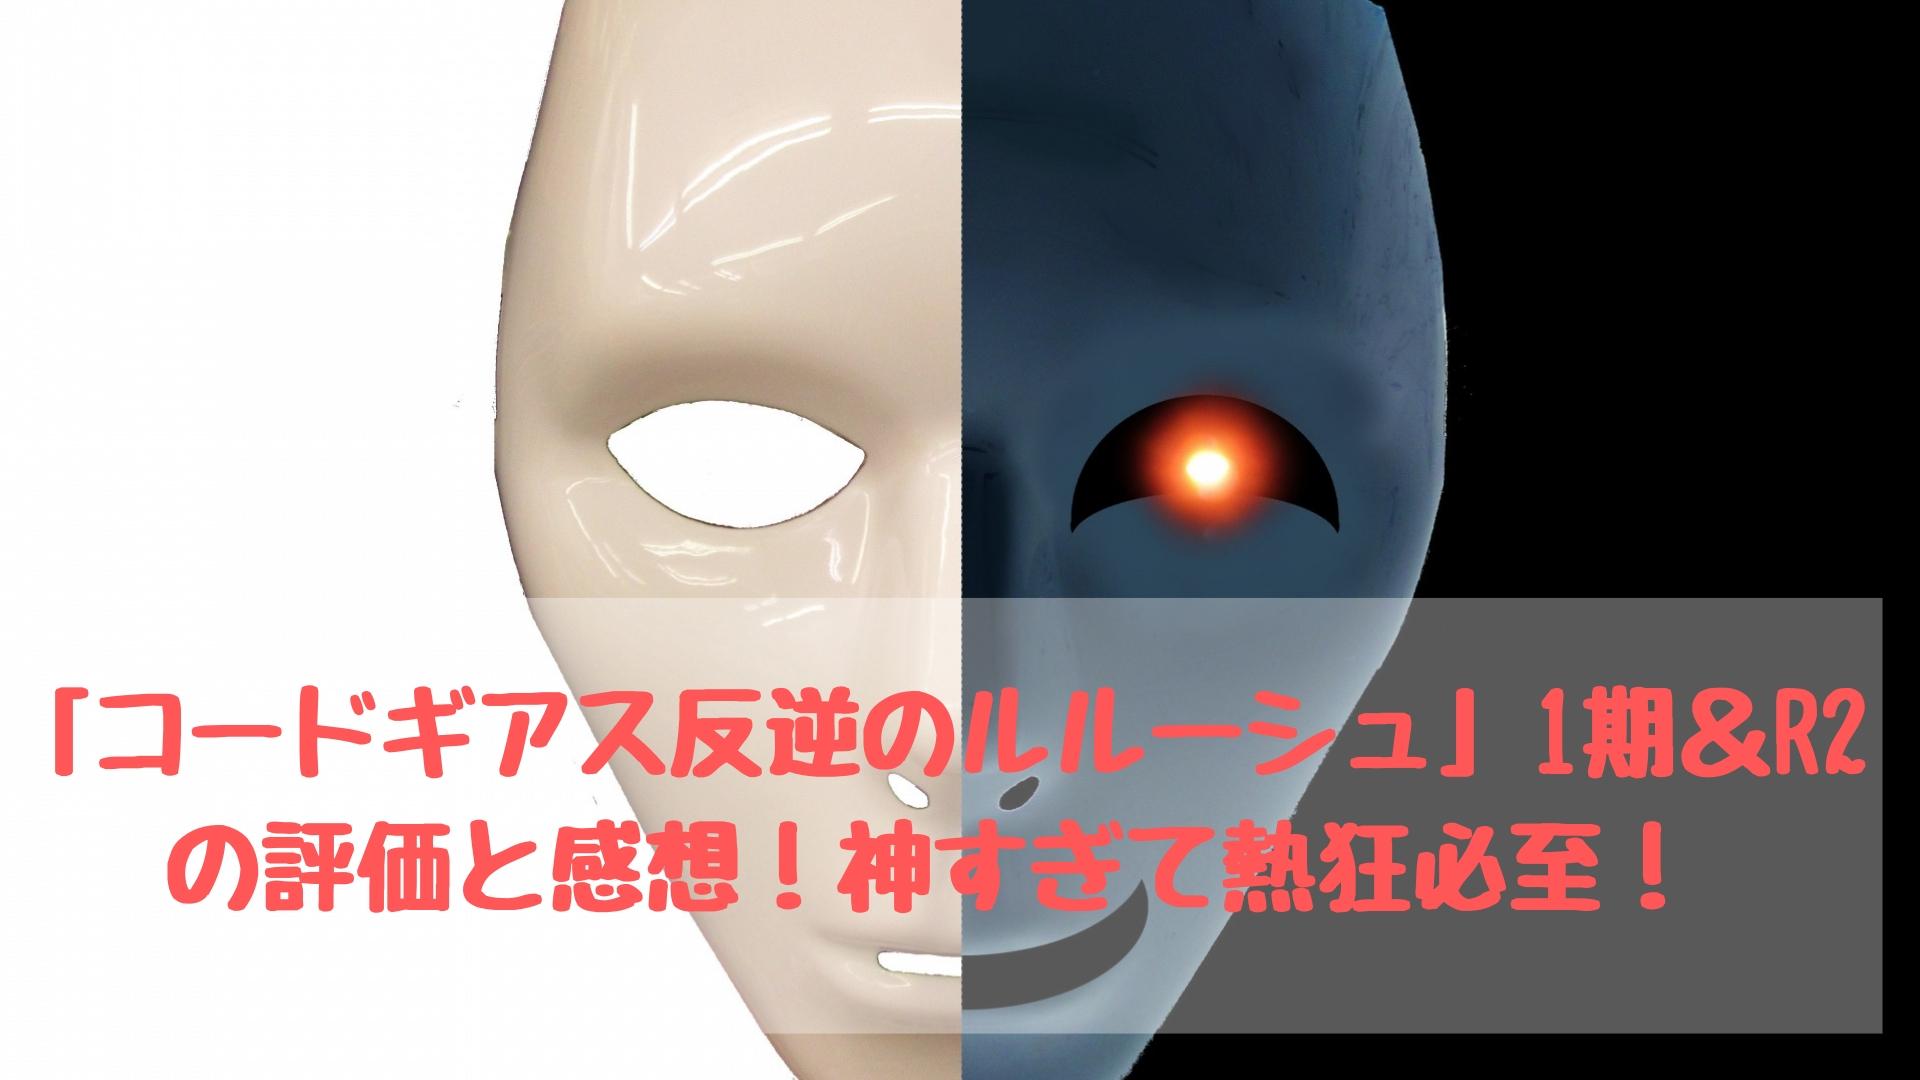 アニメ「コードギアス反逆のルルーシュ1期&2期(R2)」の評価と感想